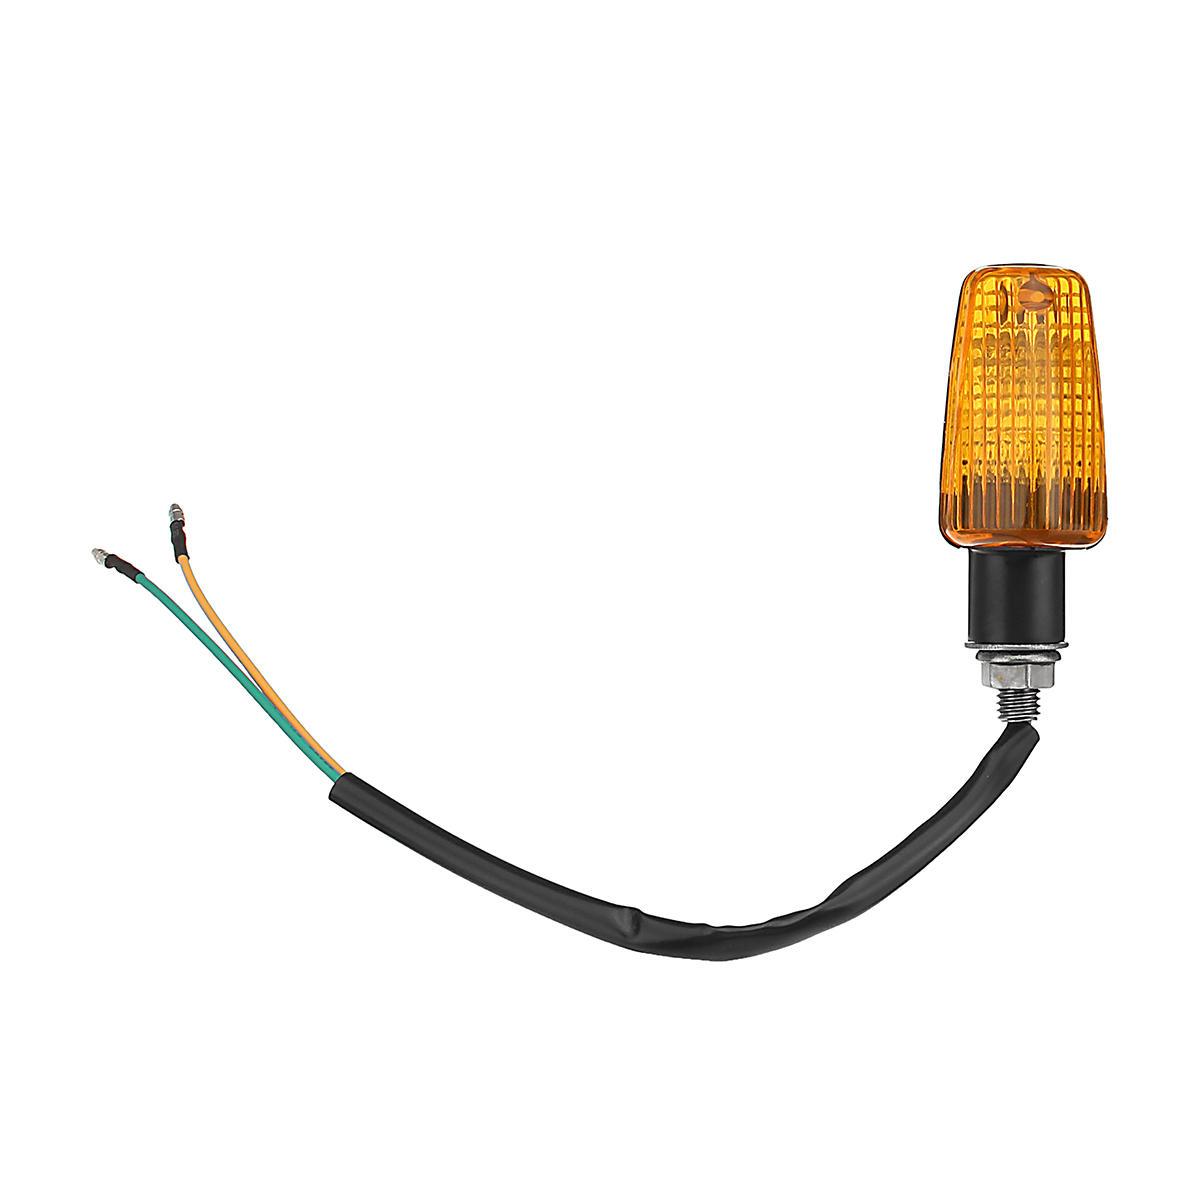 2pcs Motorcycle Motorbike Flasher Turn Signal Lamp